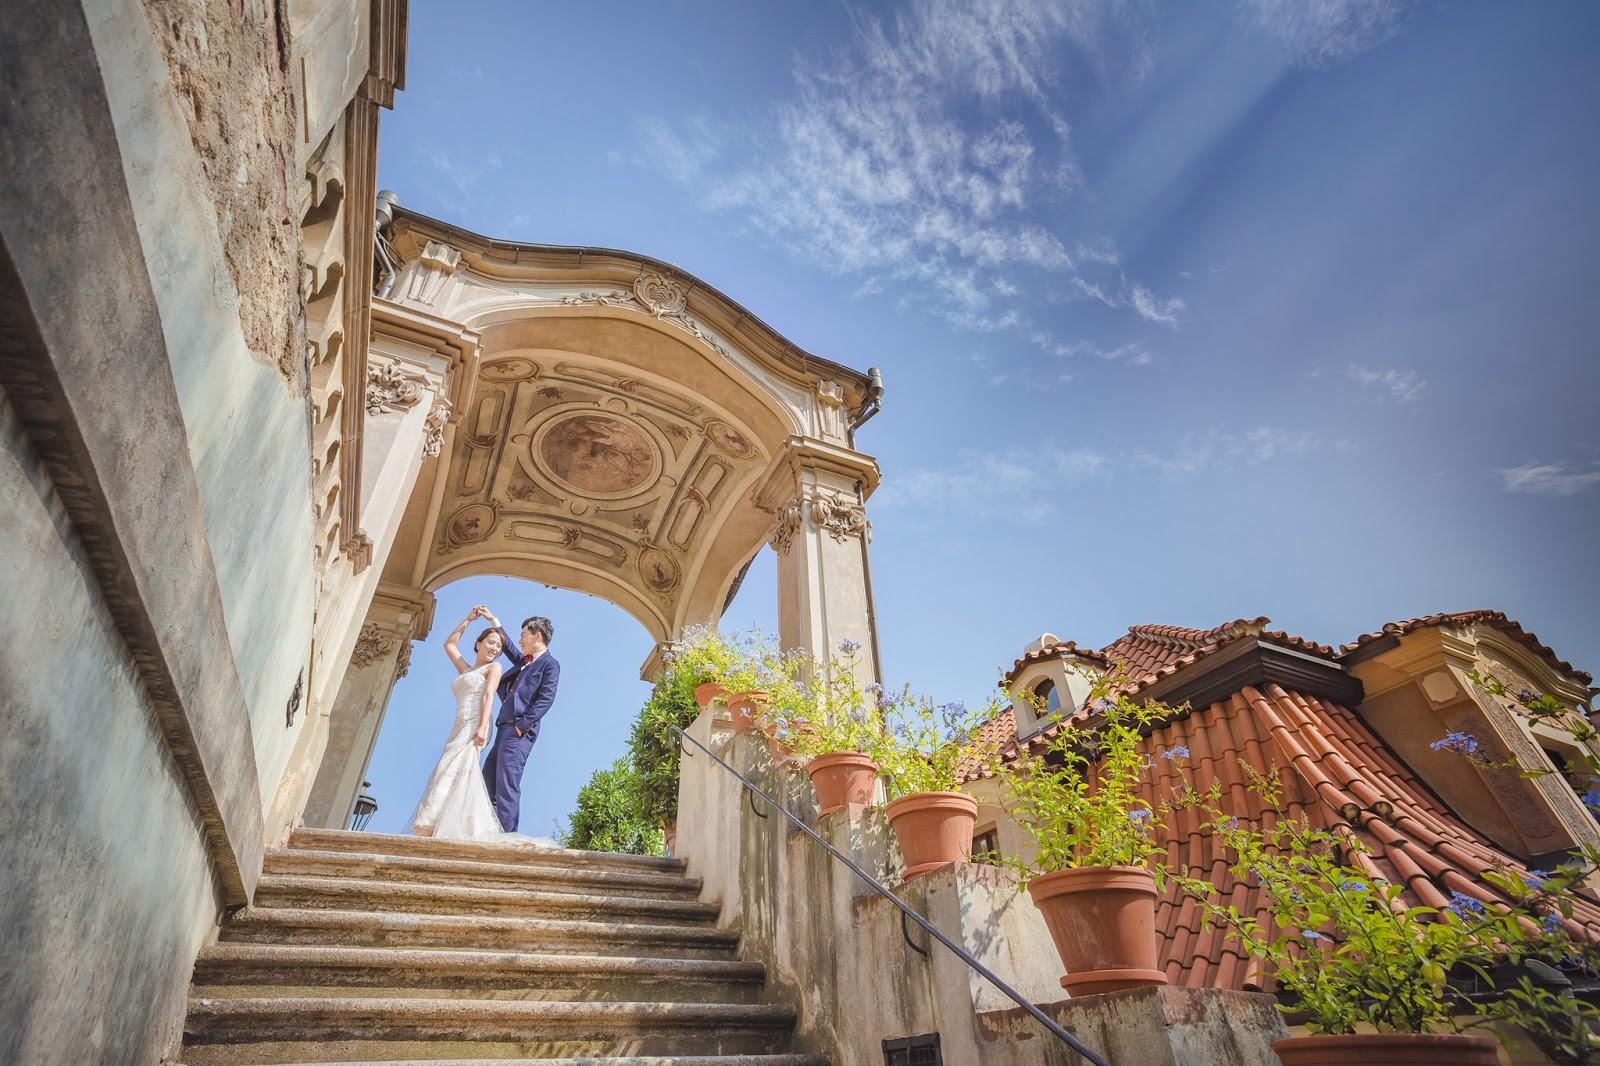 Pargue布拉格婚紗,海外婚紗,布拉格自助遊,布拉格蜜月,捷克婚紗,周杰倫婚紗